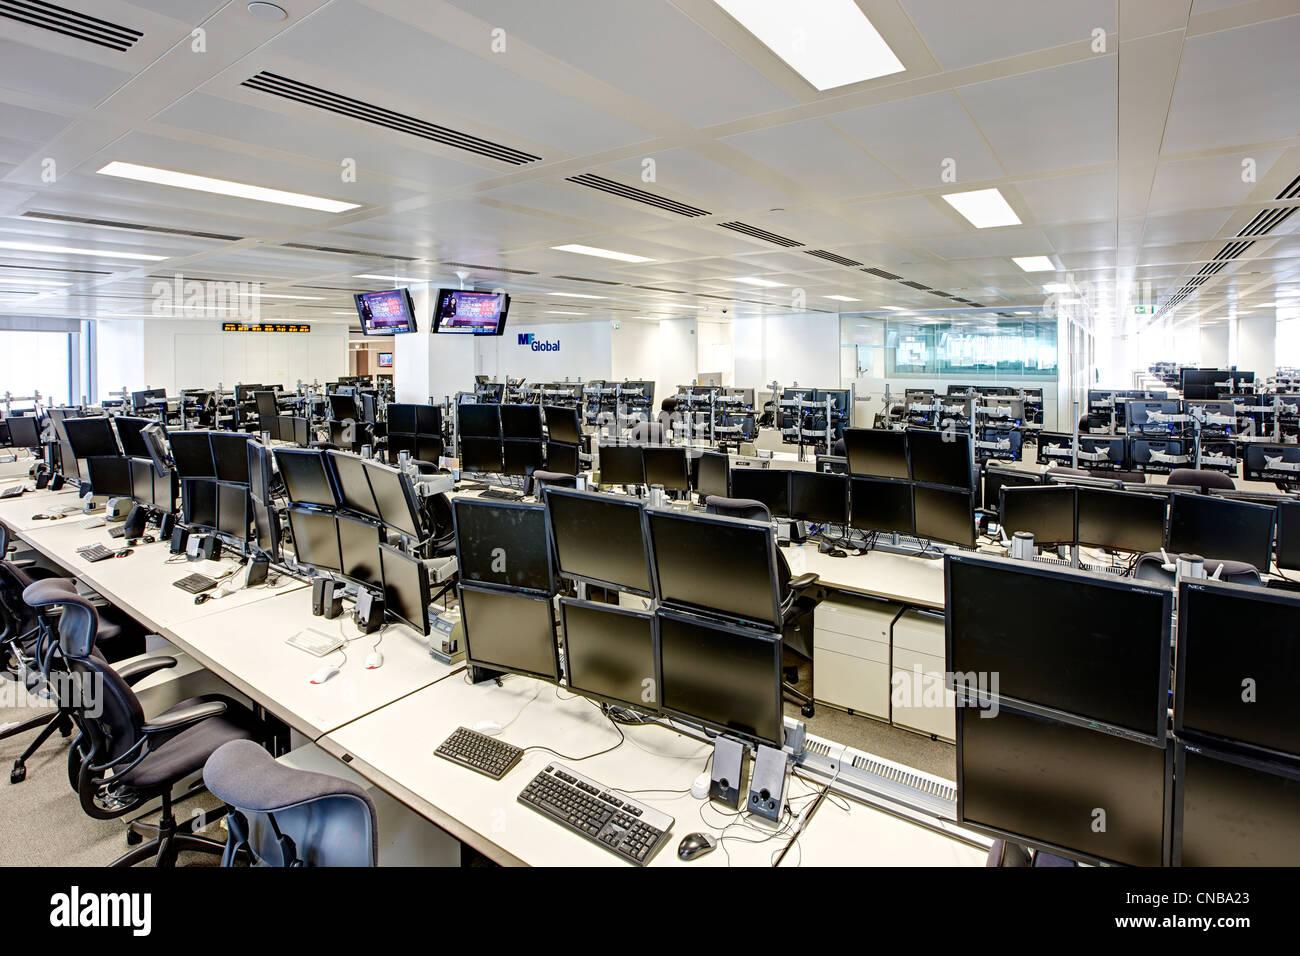 Trading Floor Overview Desks Computer Screen Blank Stock